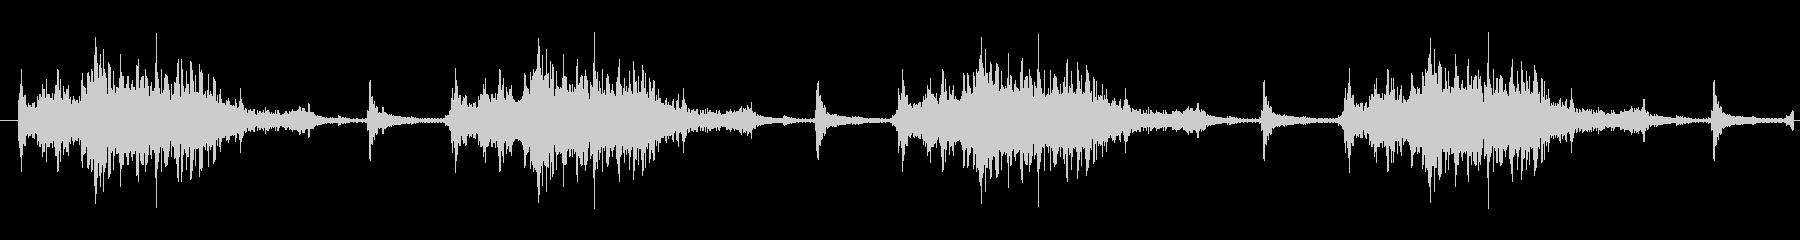 機械 メカニックデンススロー01の未再生の波形